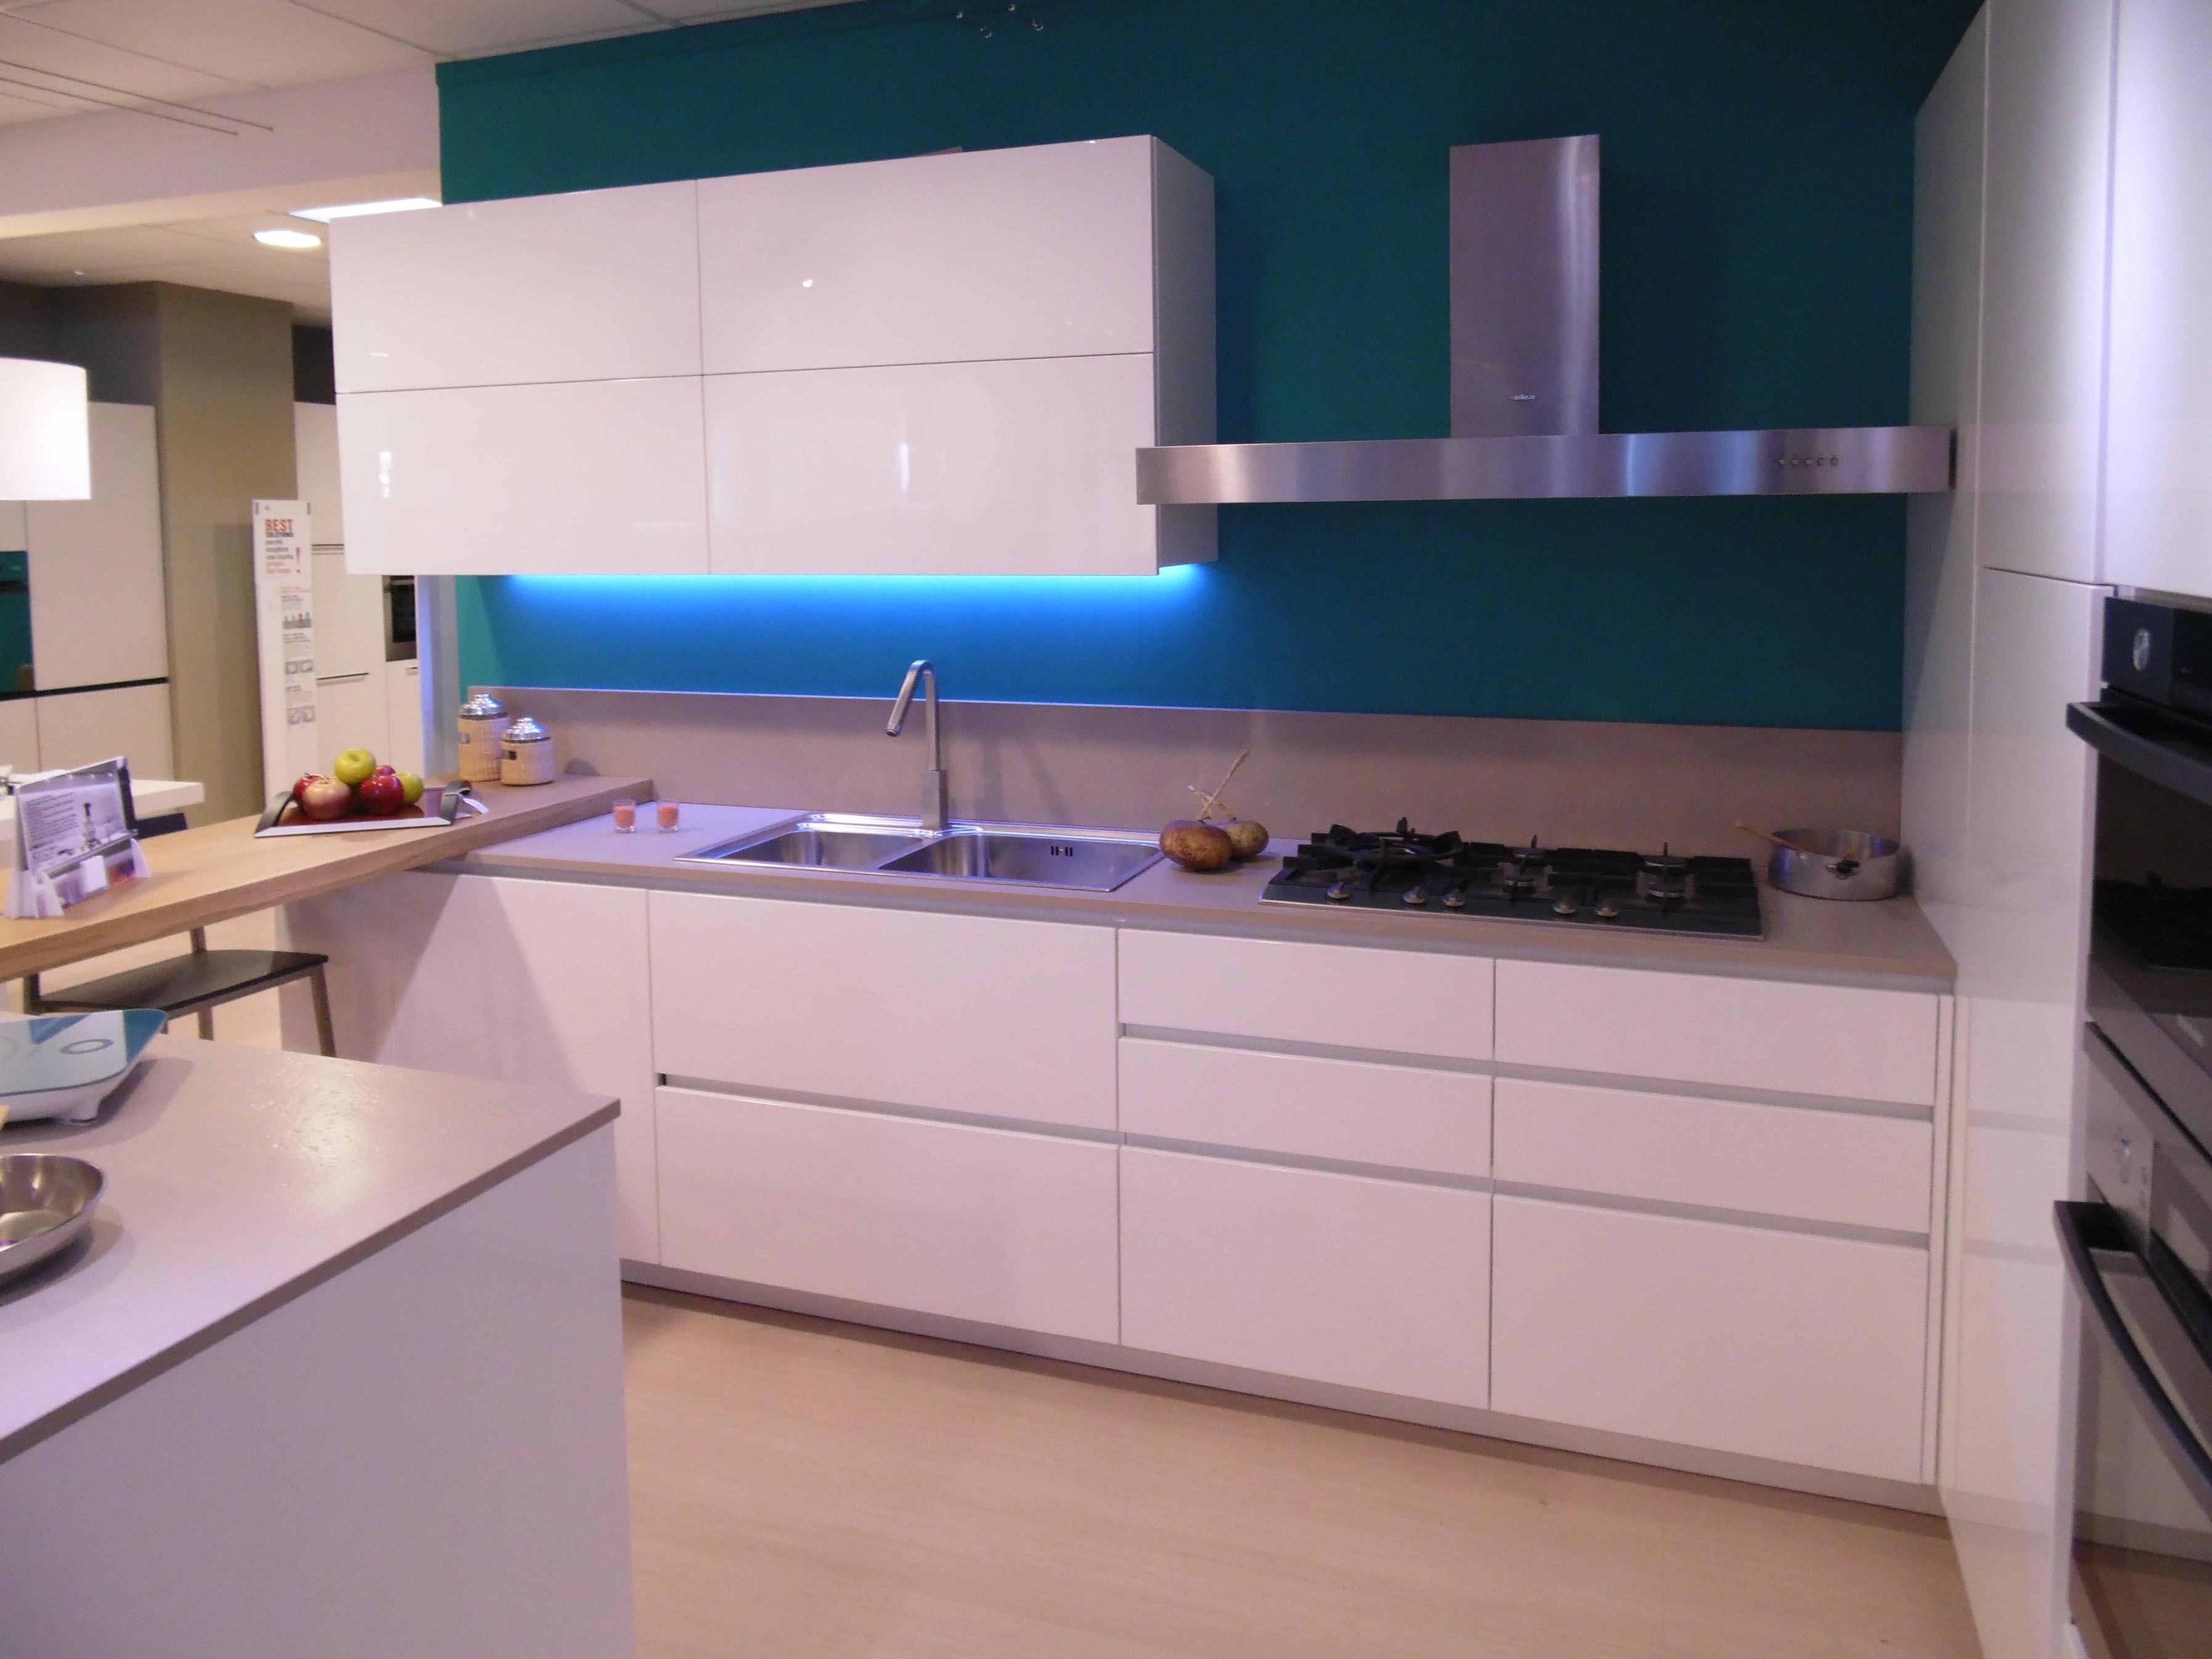 Stunning Listino Prezzi Cucine Del Tongo Pictures - Home Design ...